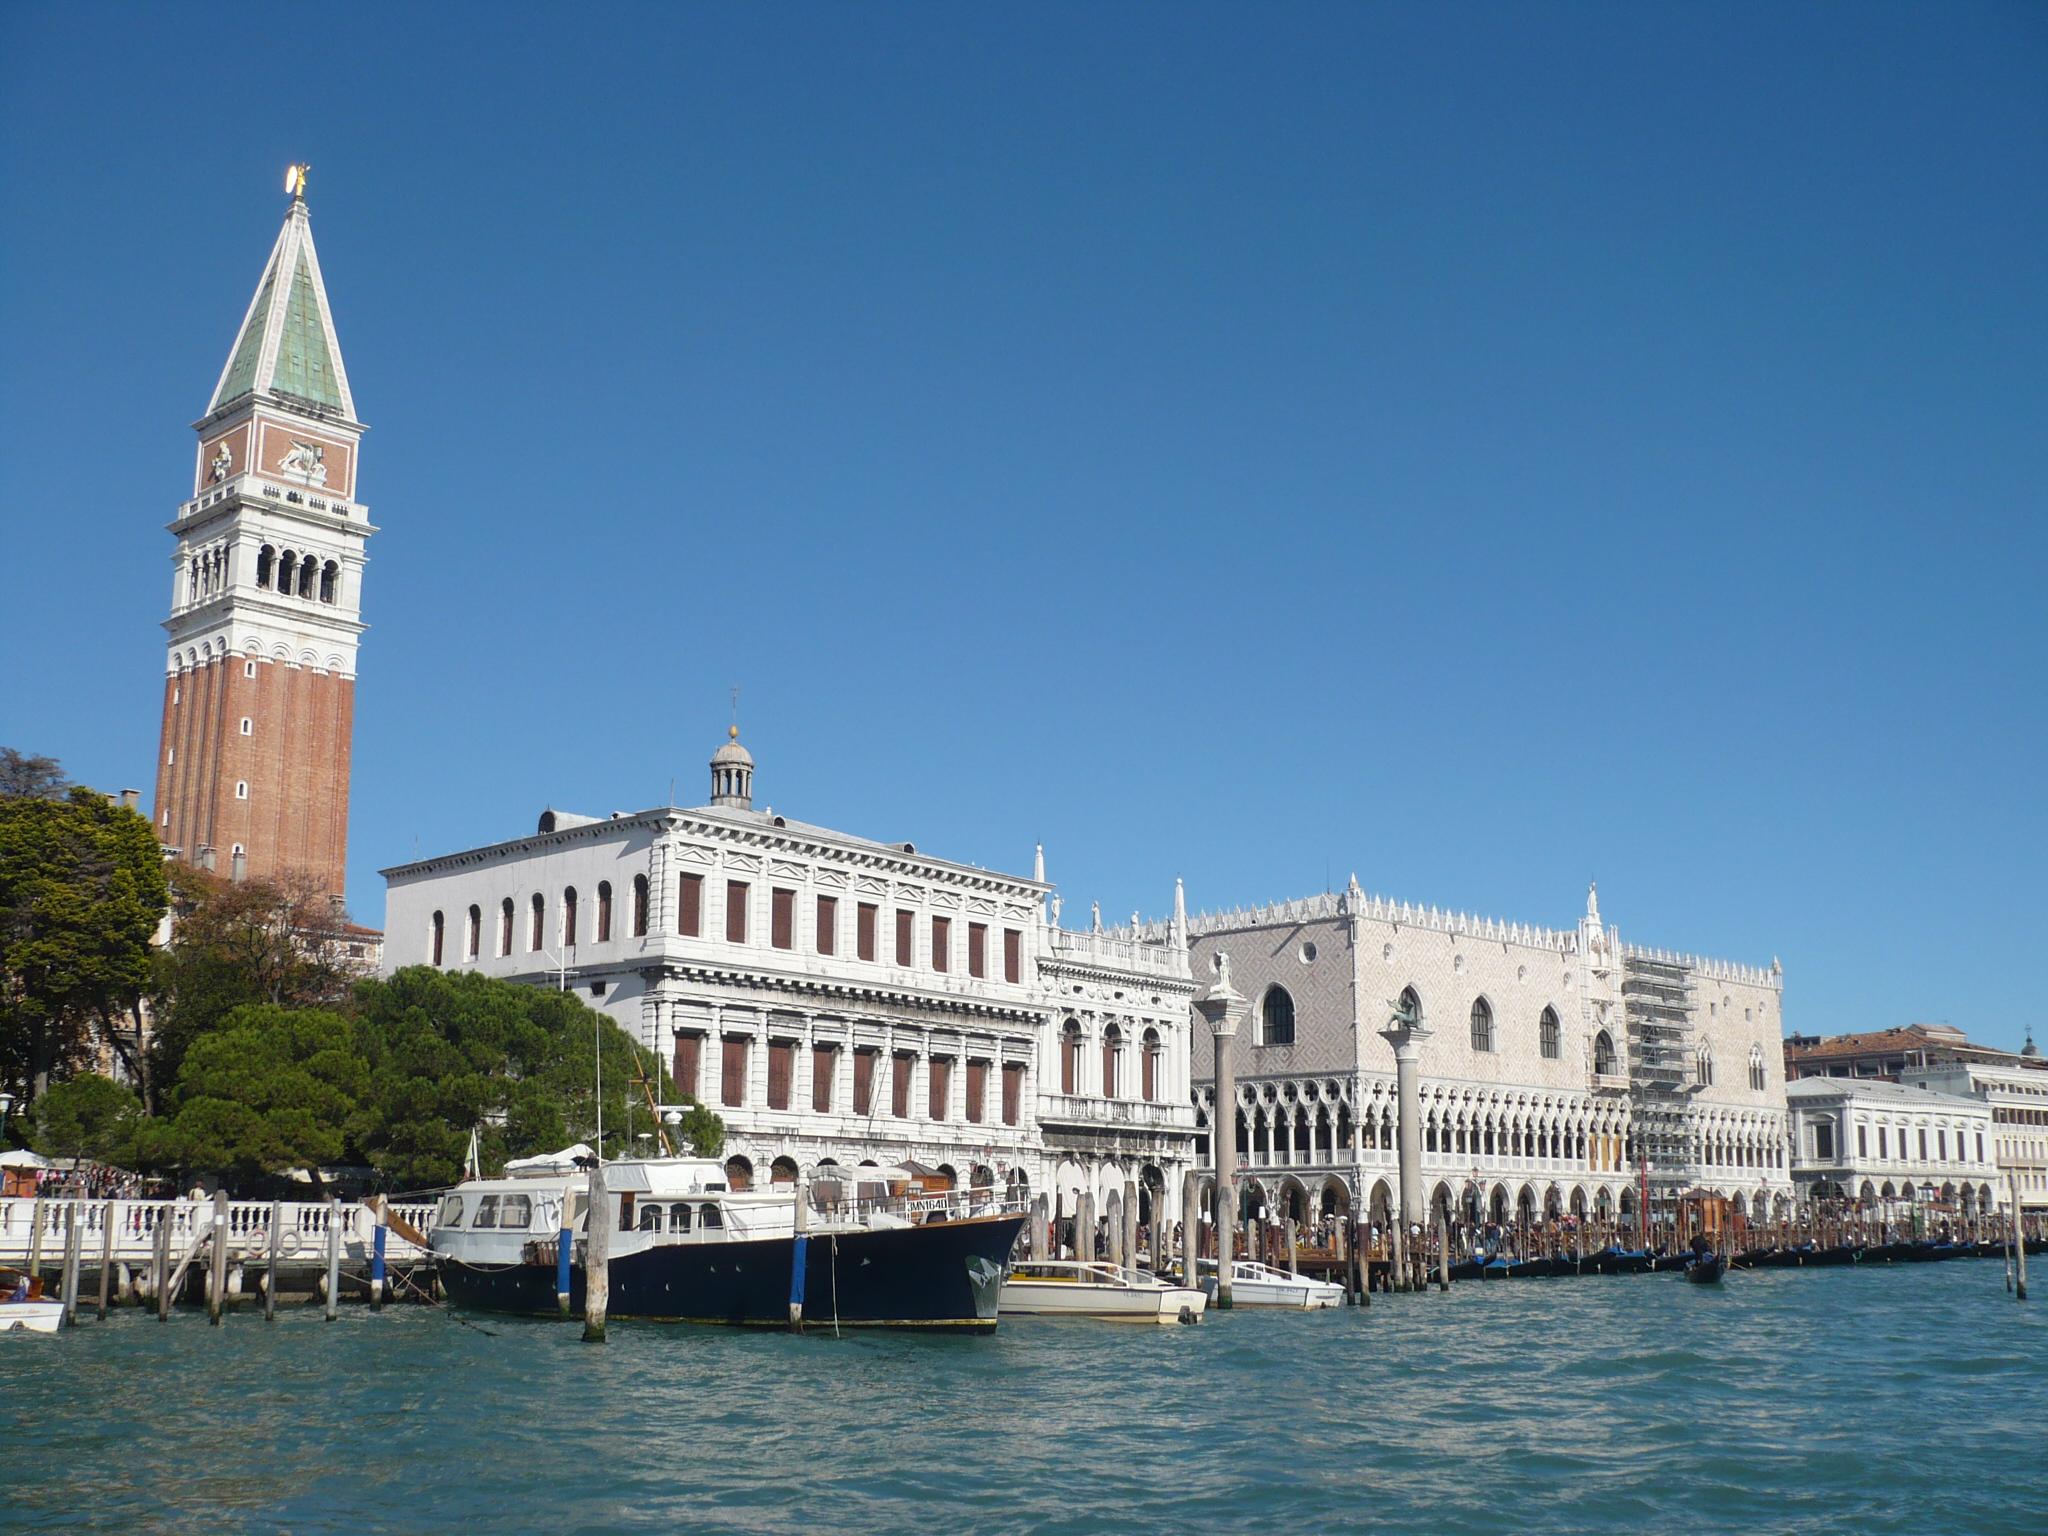 Venezia Wikiquote